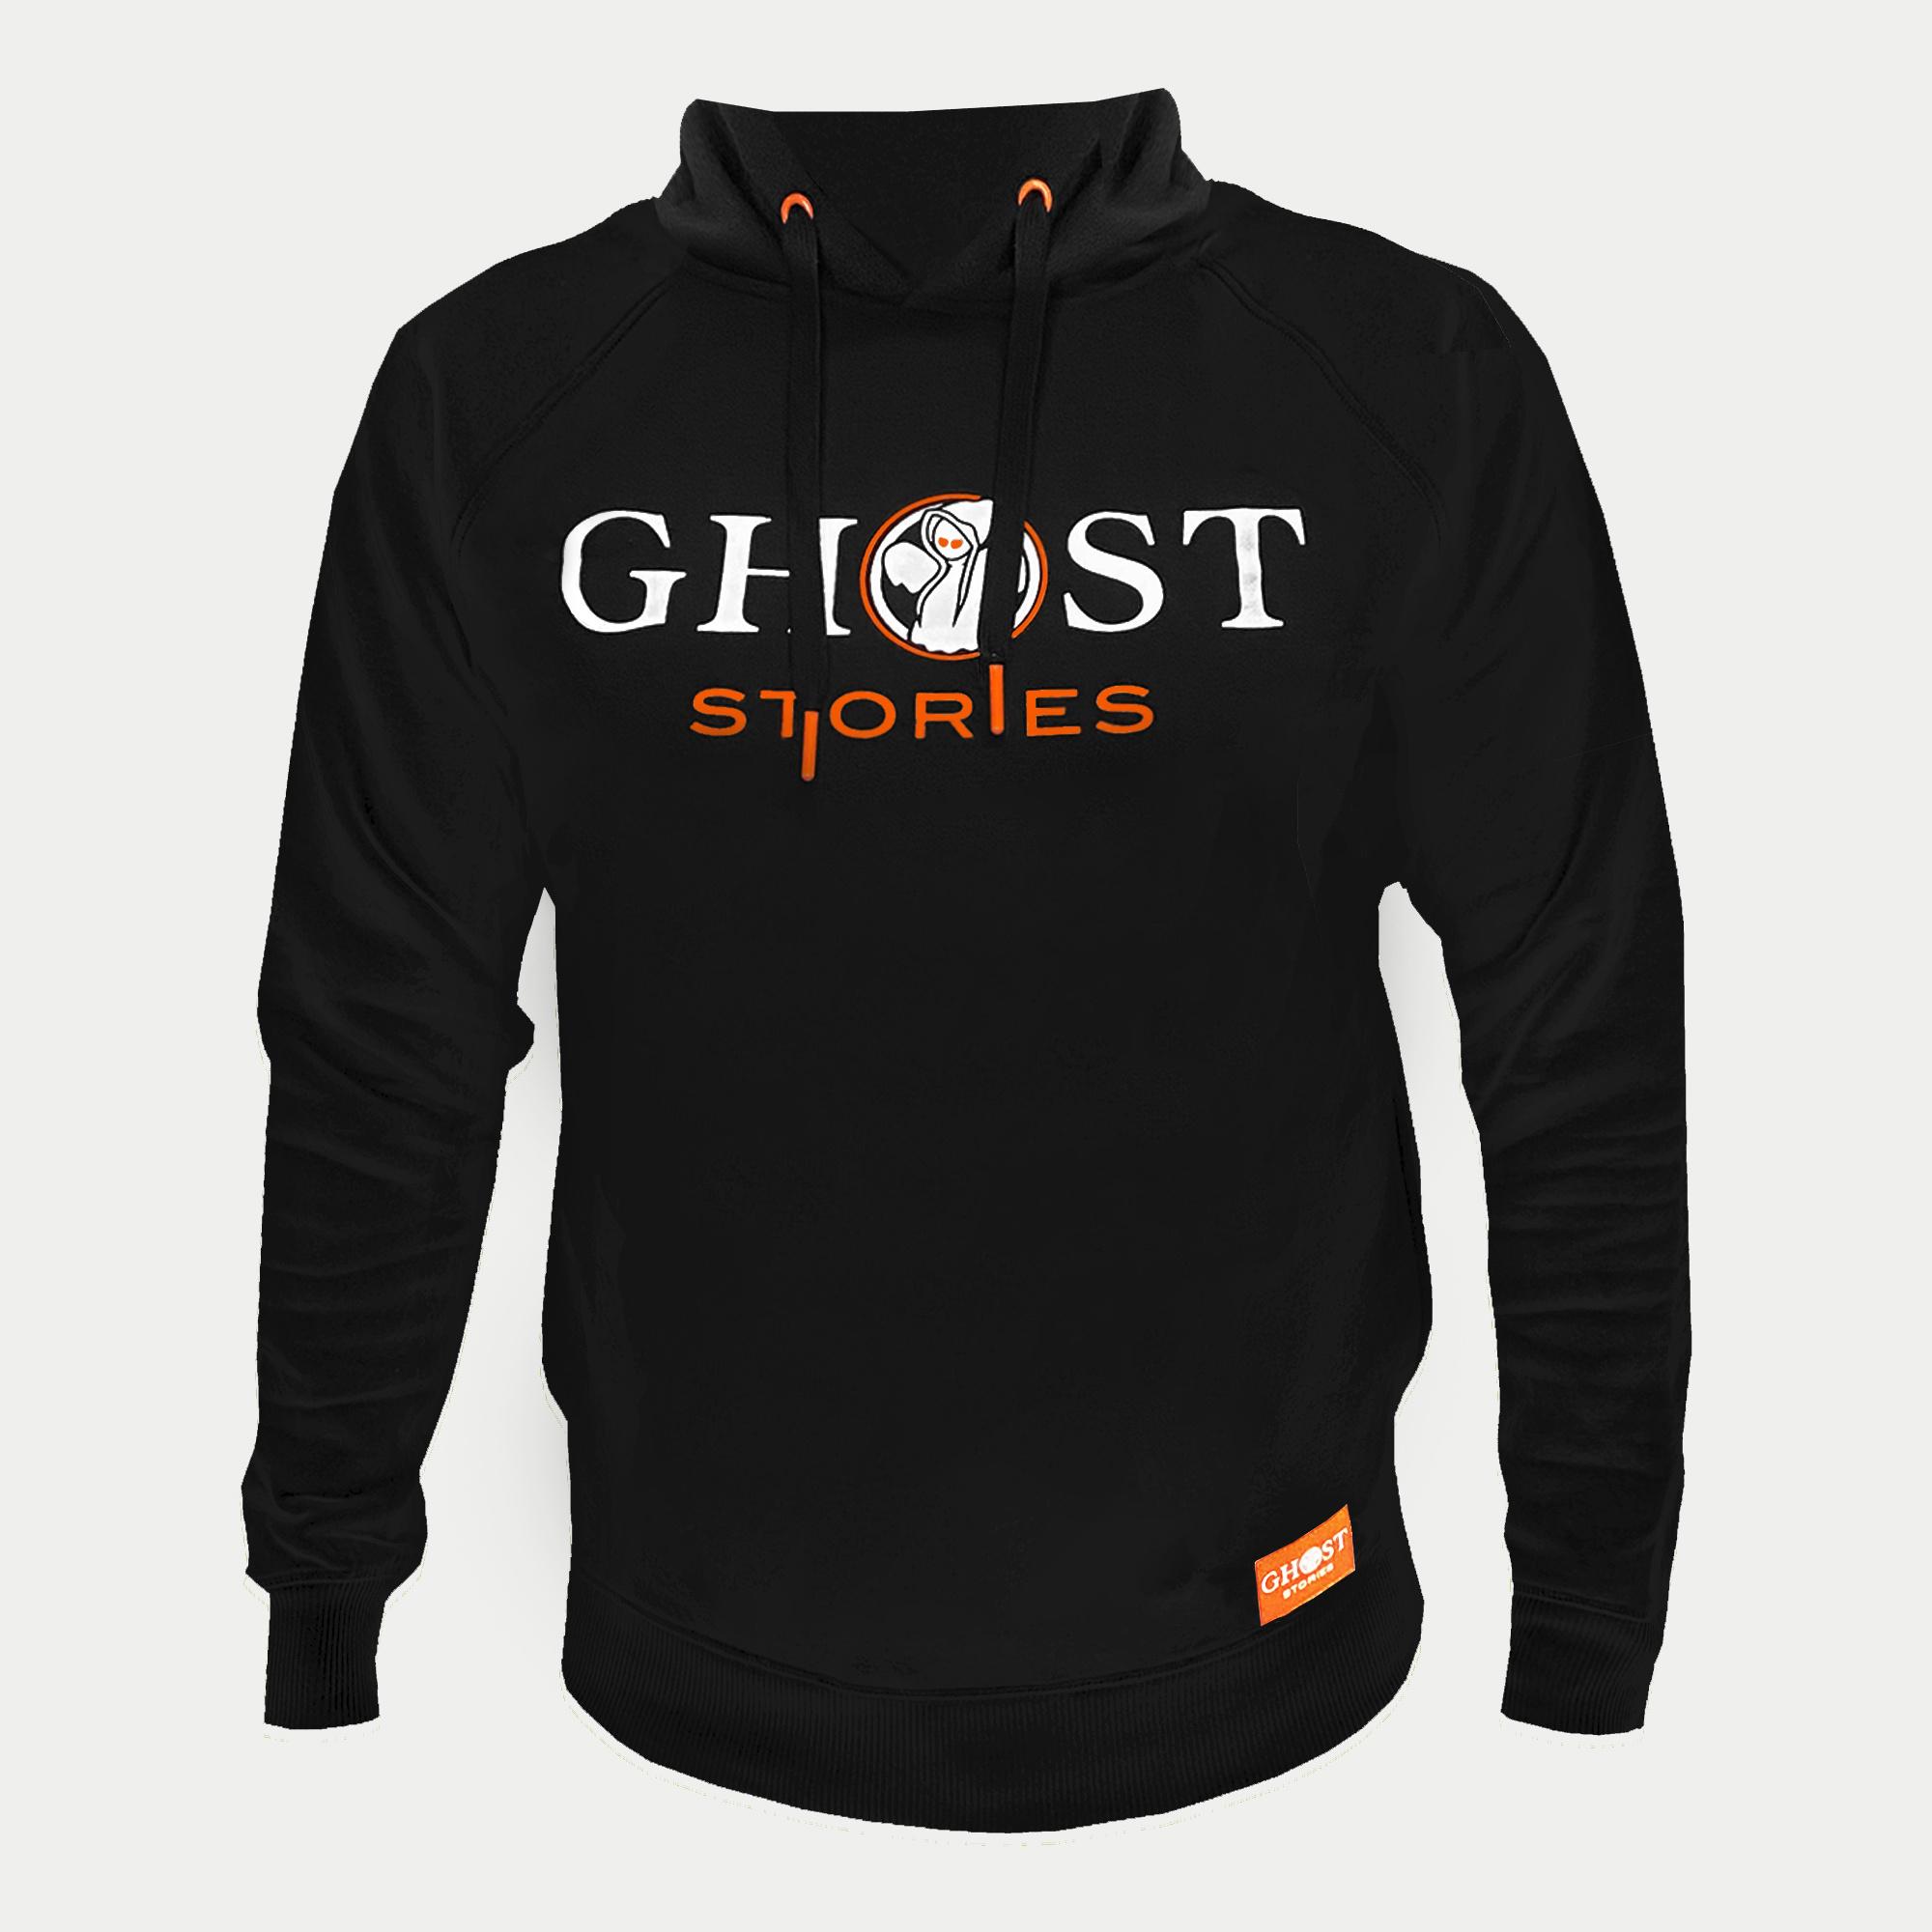 Ghost Stories Black Hoodie